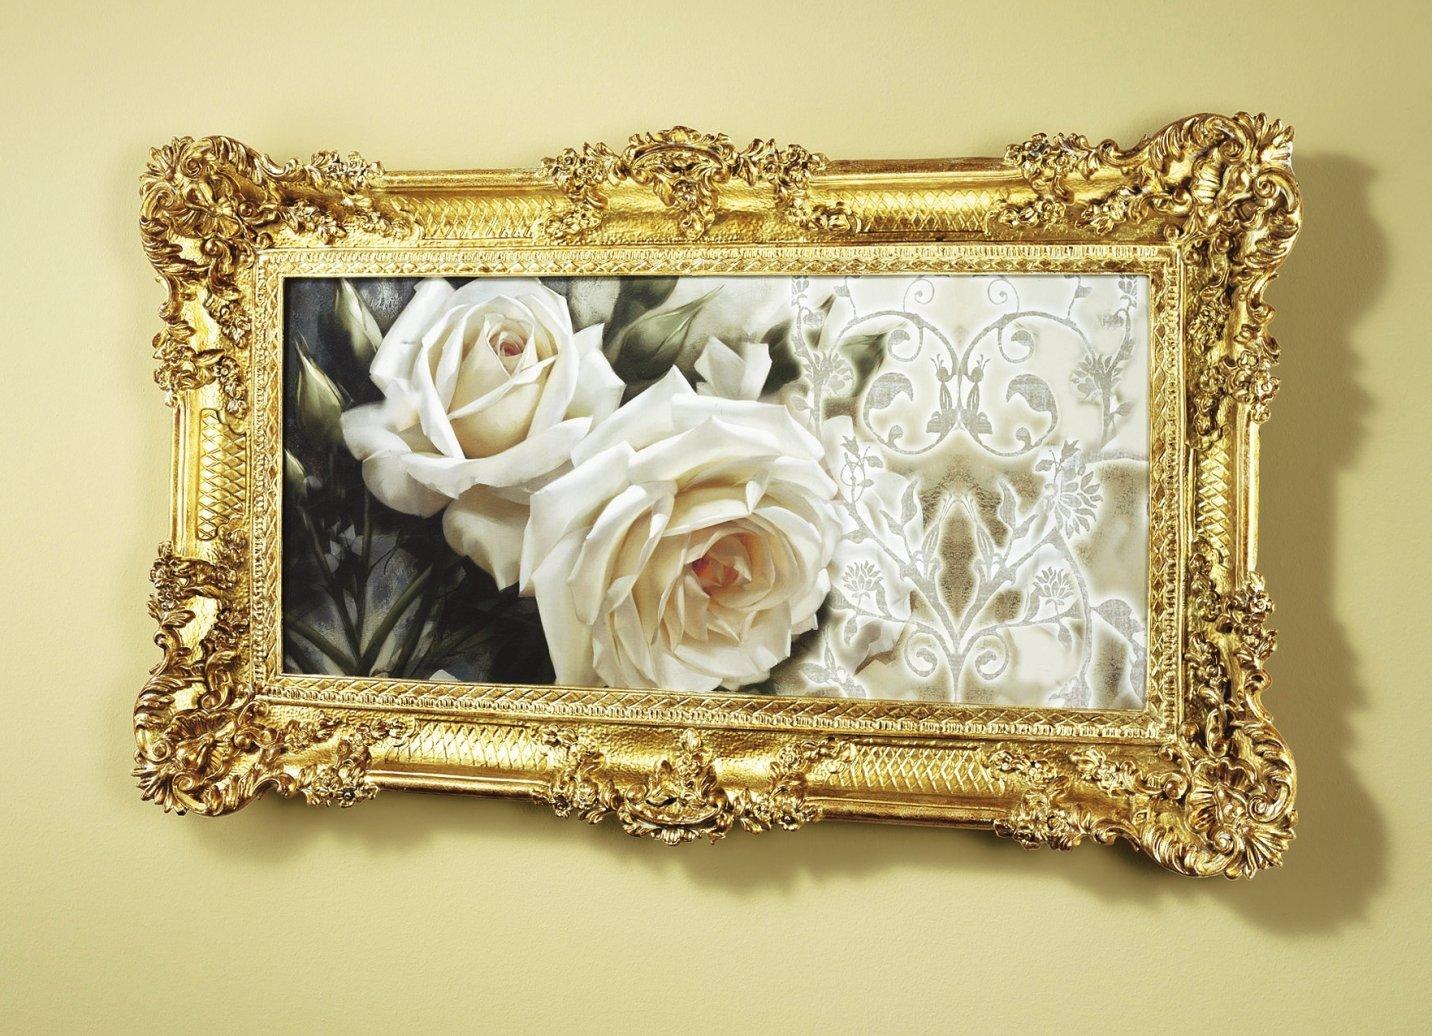 bild mit wei en rosenbl ten mit rahmen kunstdruck wandbild druck wanddekoration ebay. Black Bedroom Furniture Sets. Home Design Ideas